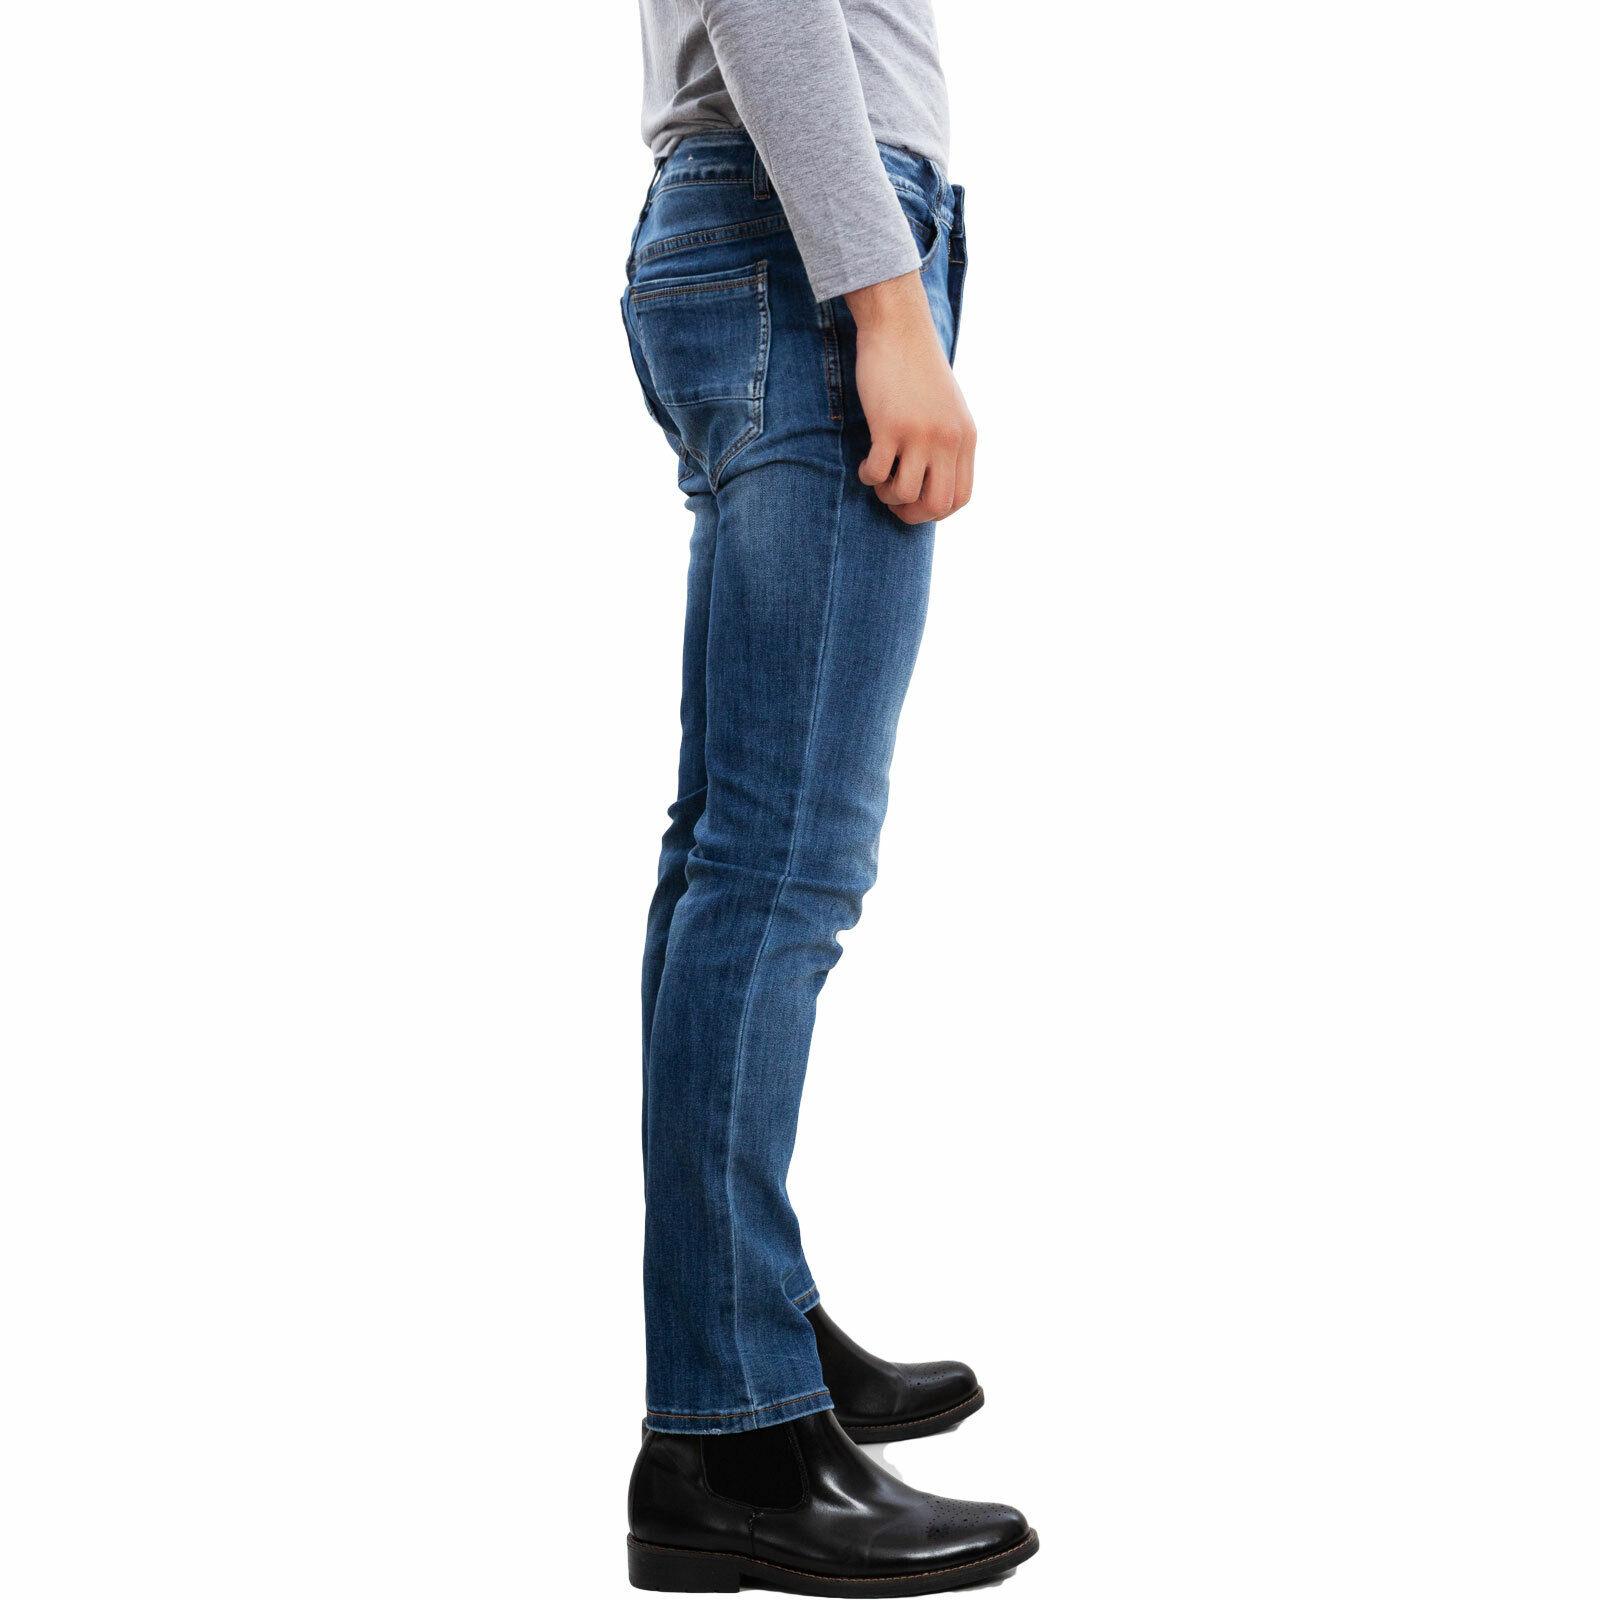 Herrenjeans Herrenjeans Herrenjeans Hose dichte slim fit denim TOOCOOL 5 Taschen casual MF341  | Spielen Sie auf der ganzen Welt und verhindern Sie, dass Ihre Kinder einsam sind  7d90fa